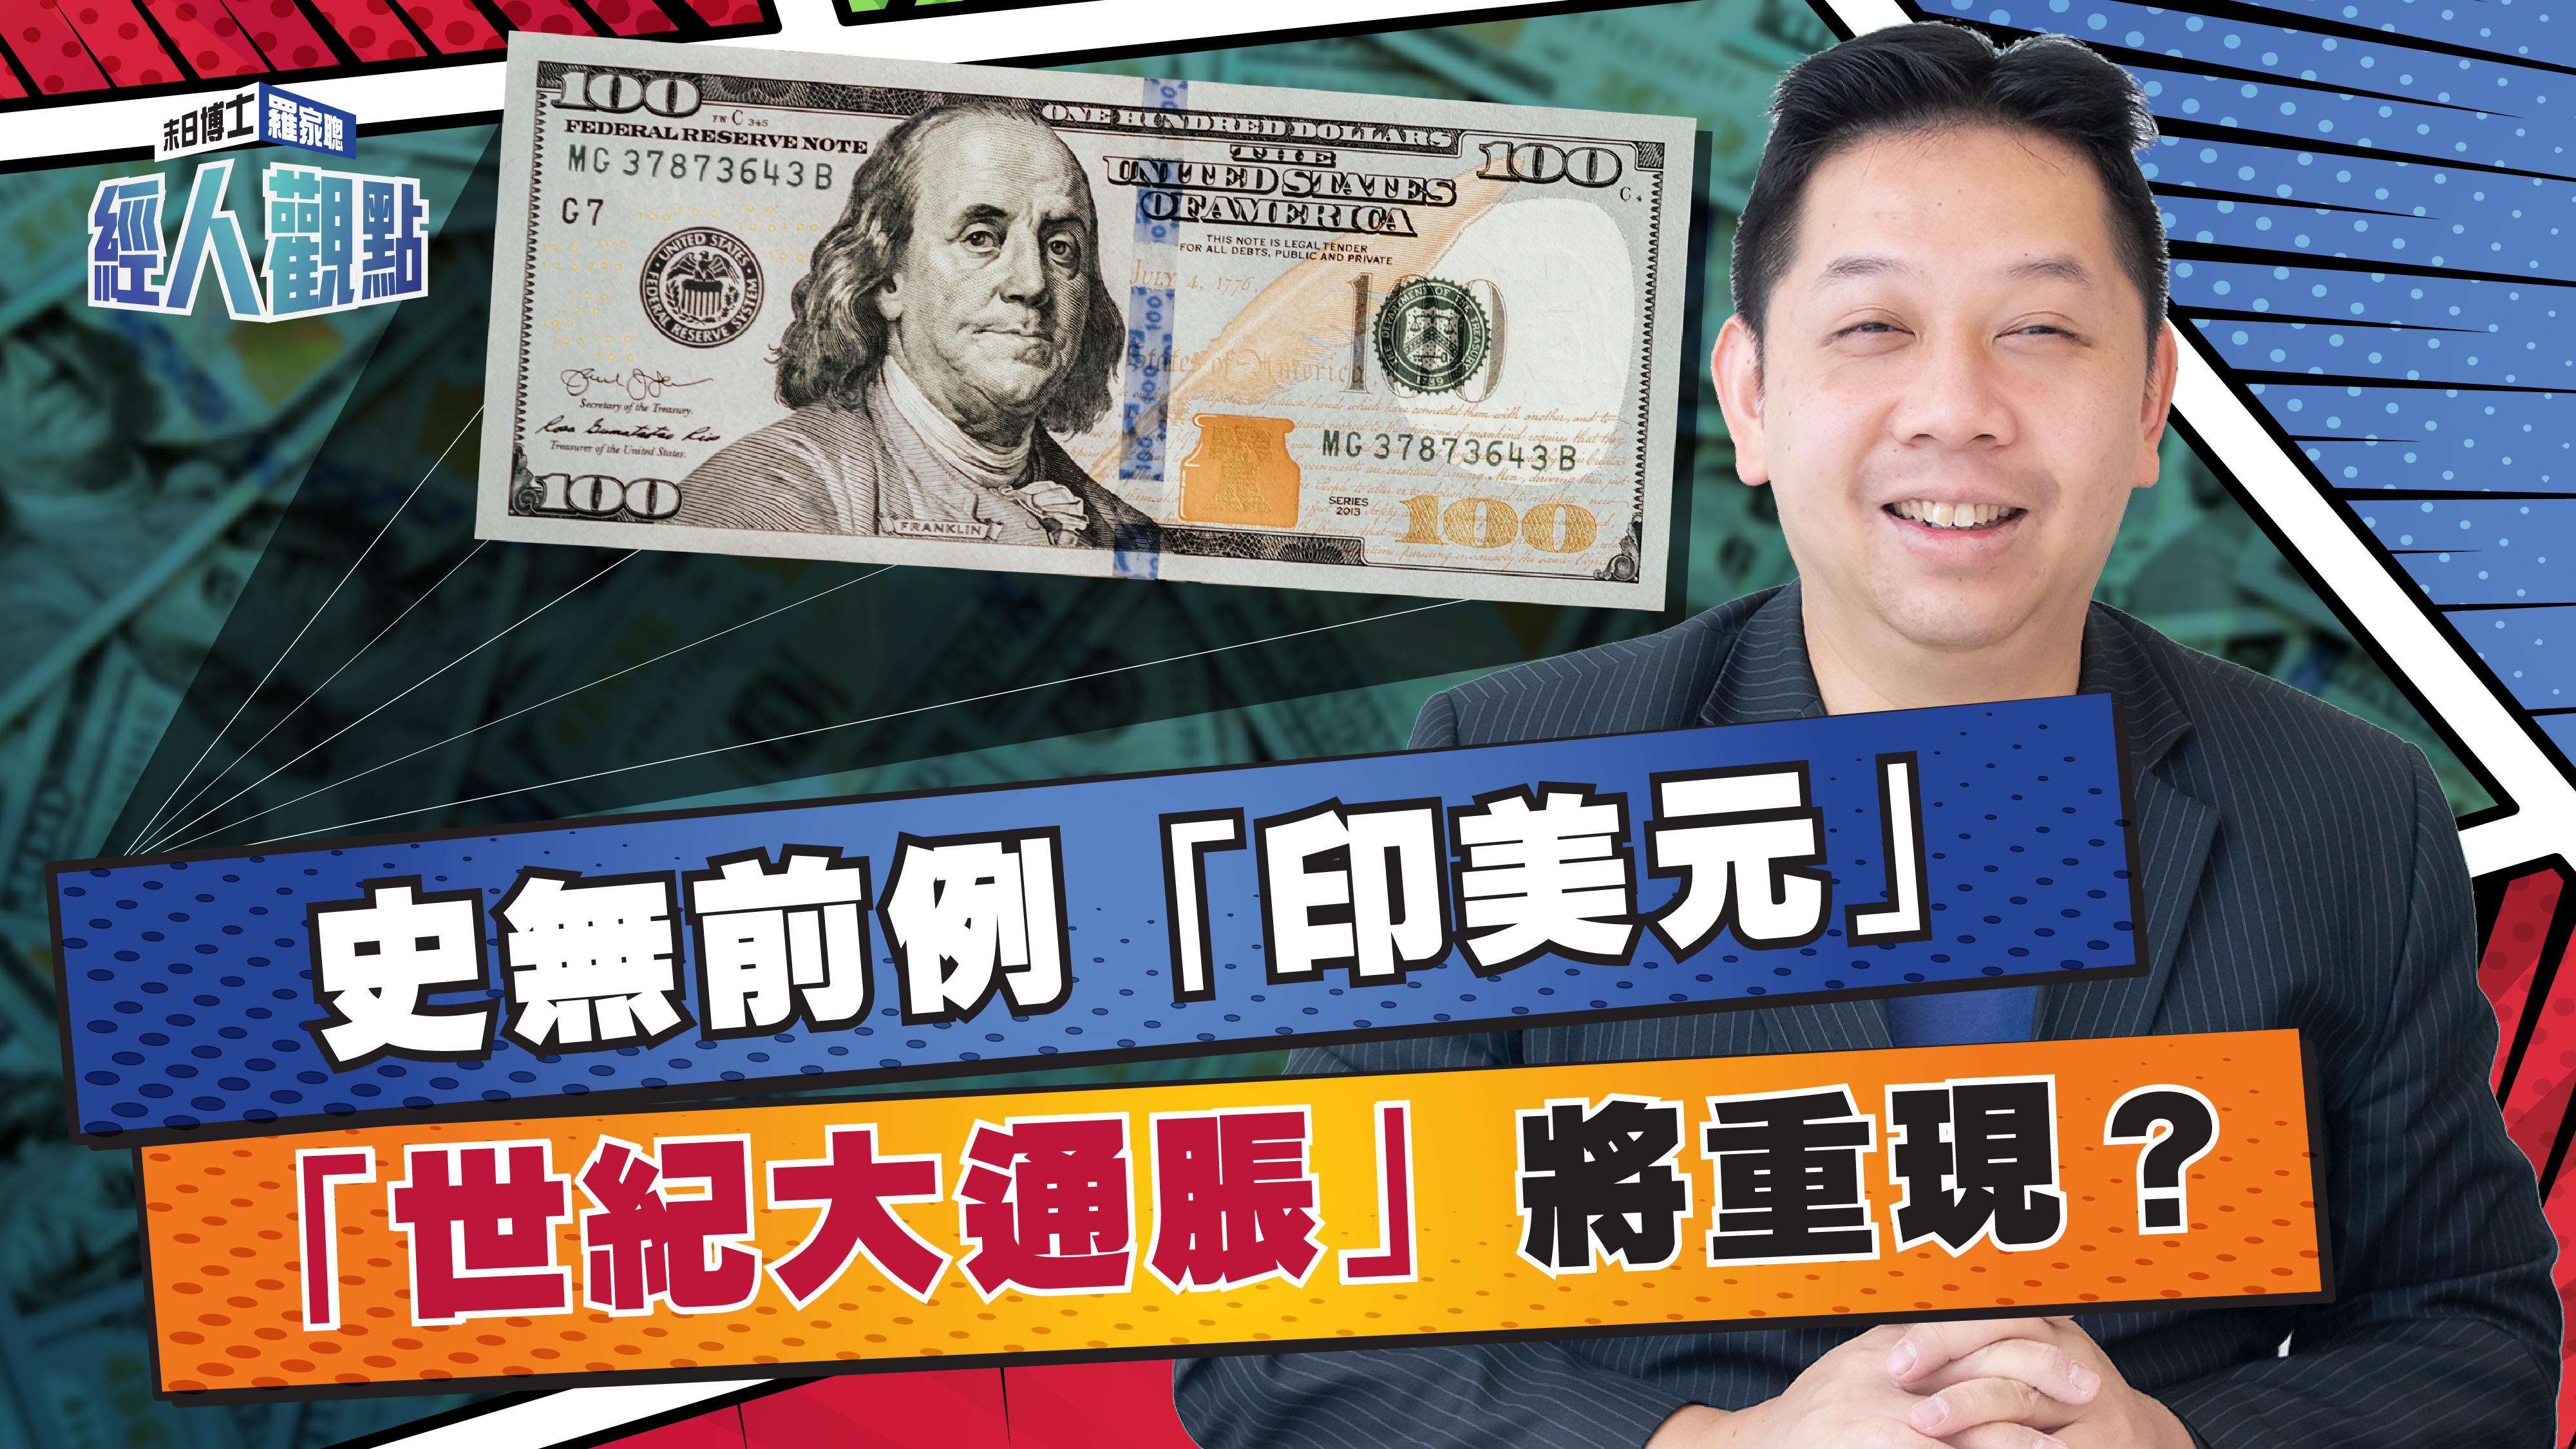 羅家聰|美元史無前例瘋狂印 「世紀大通脹」將重現?|QE|債券【經人觀點】